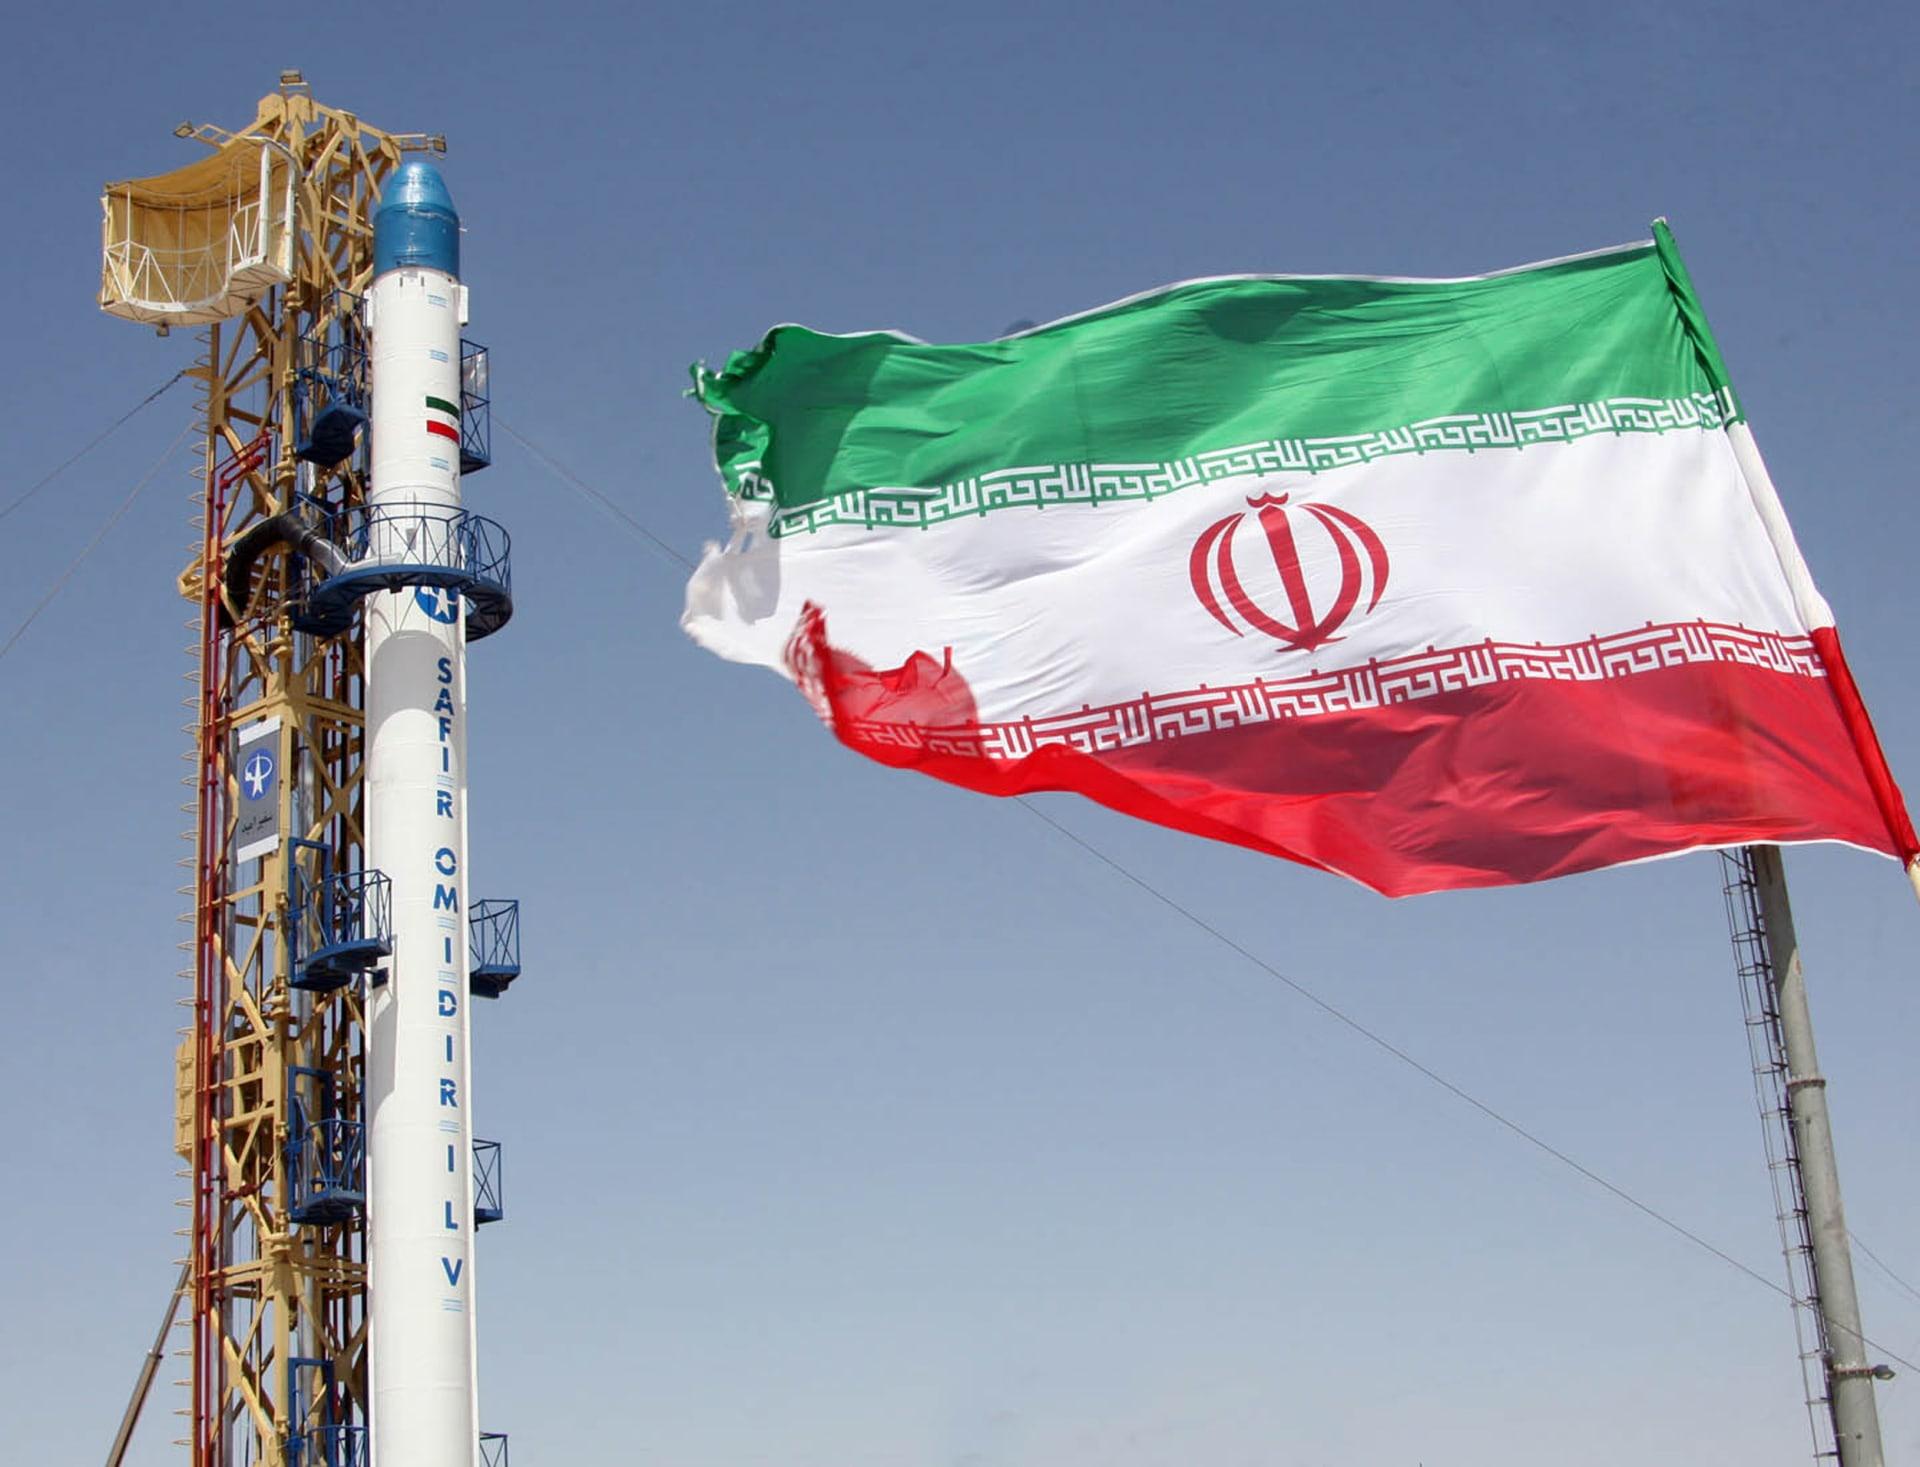 الثاني في يوم.. حريق في مصنع شمال غرب إيران دون خسائر بشرية